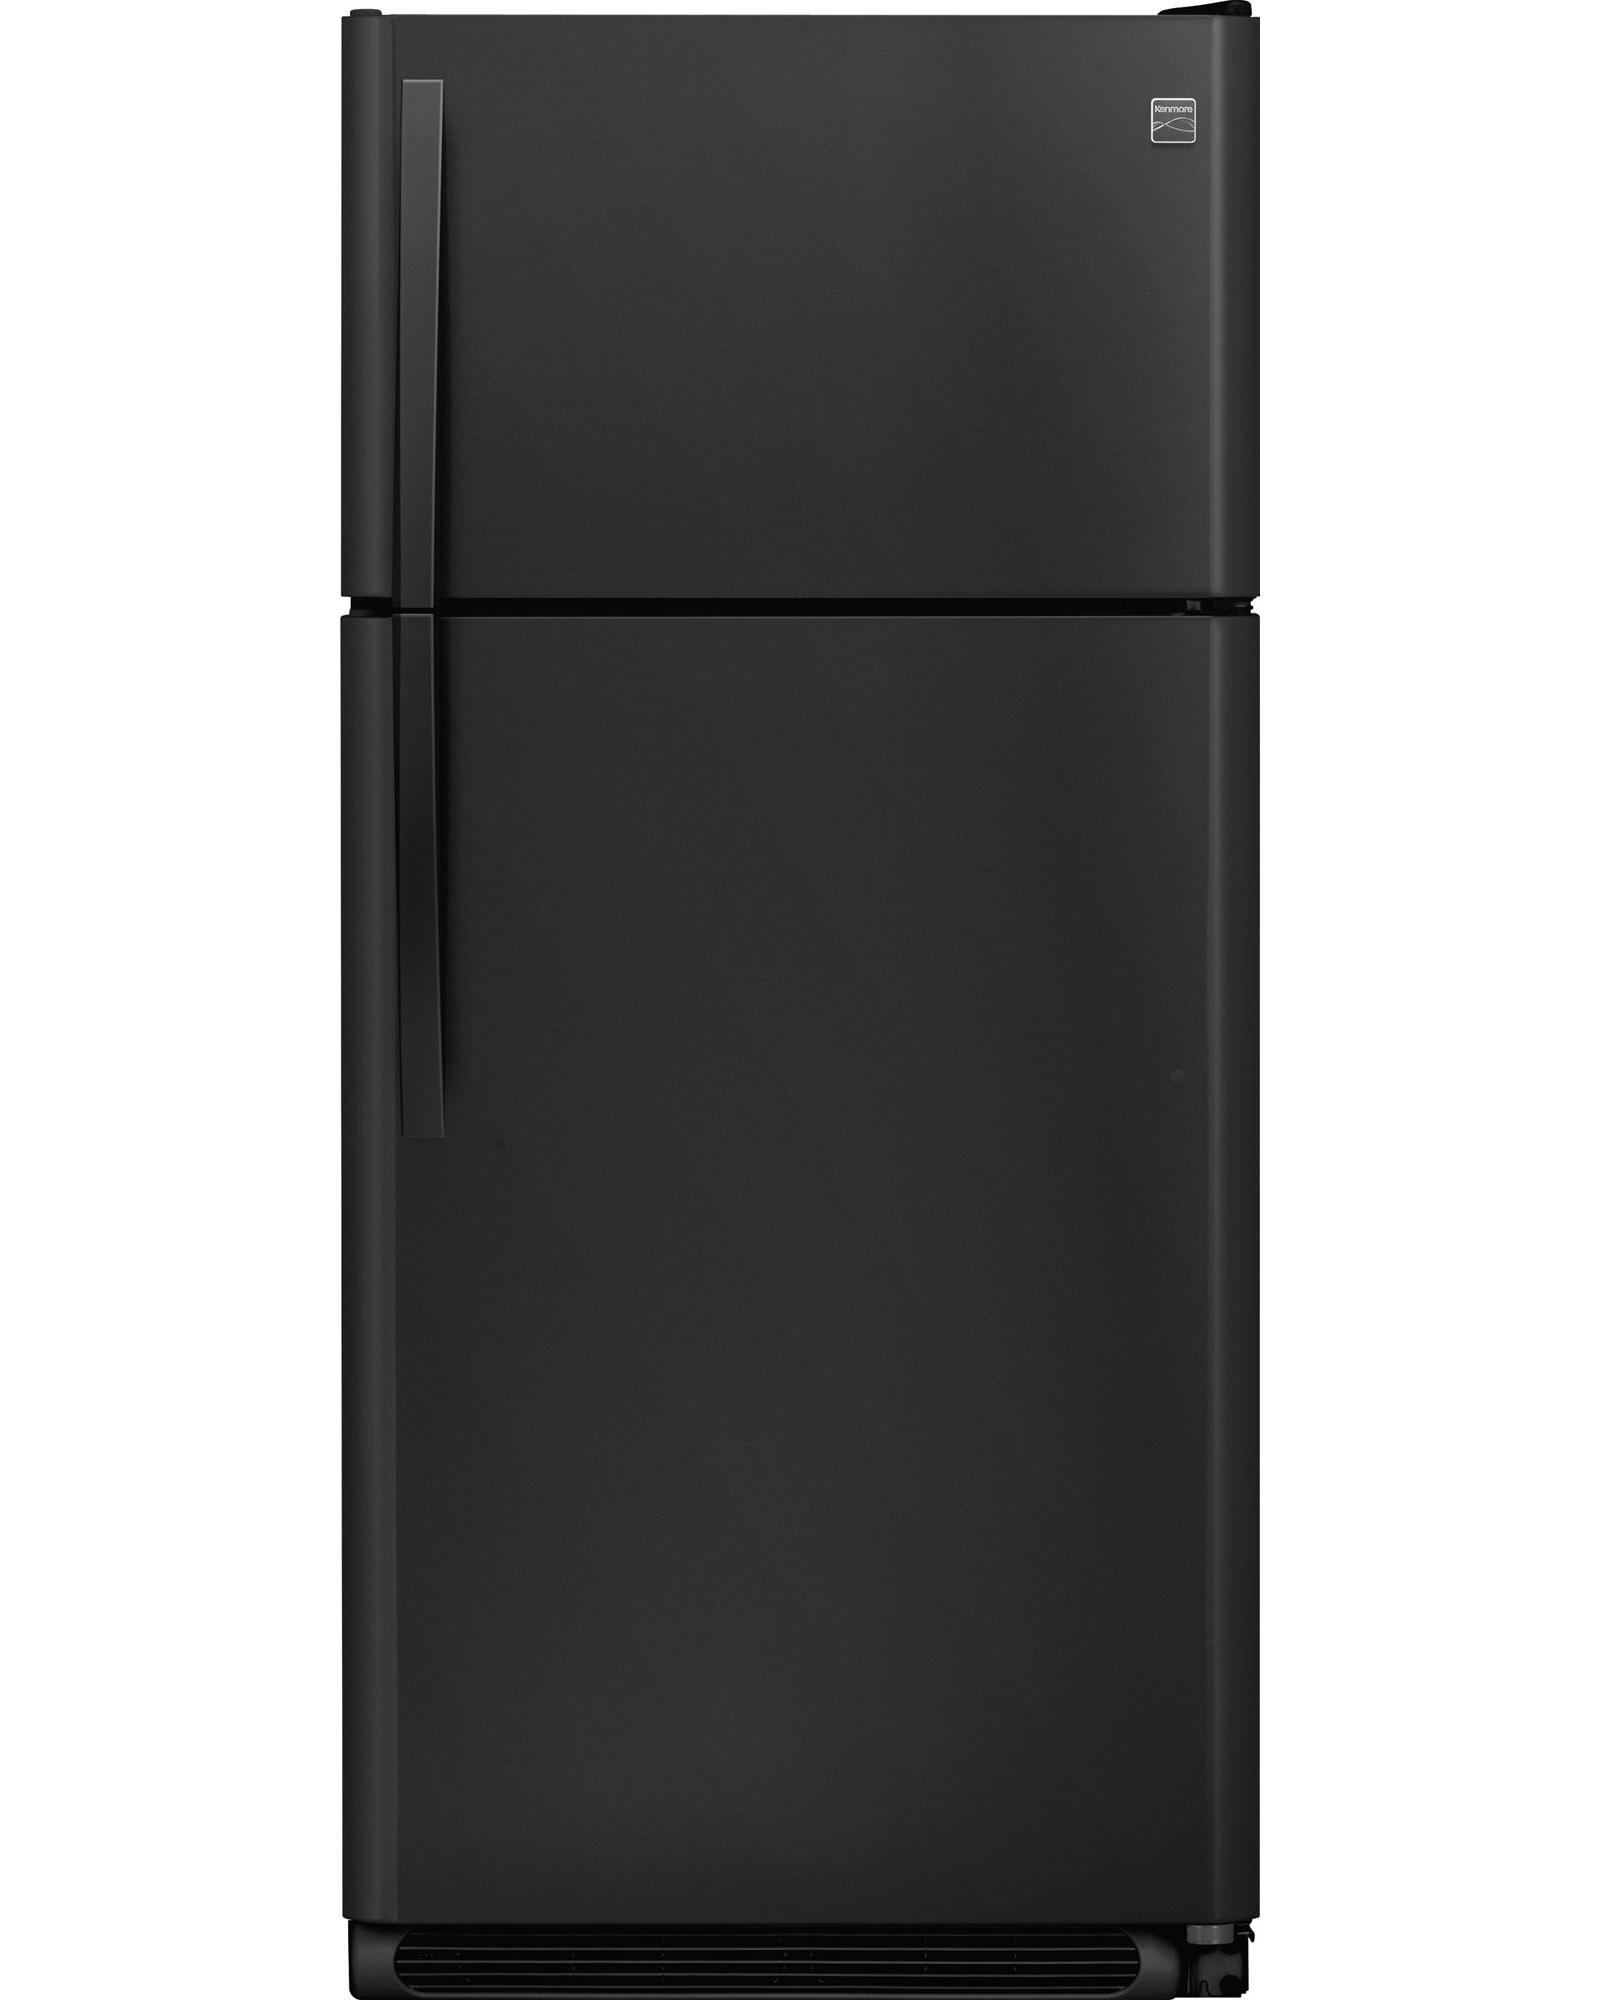 Mini Refrigerators Shop For Small Refrigerators At Sears